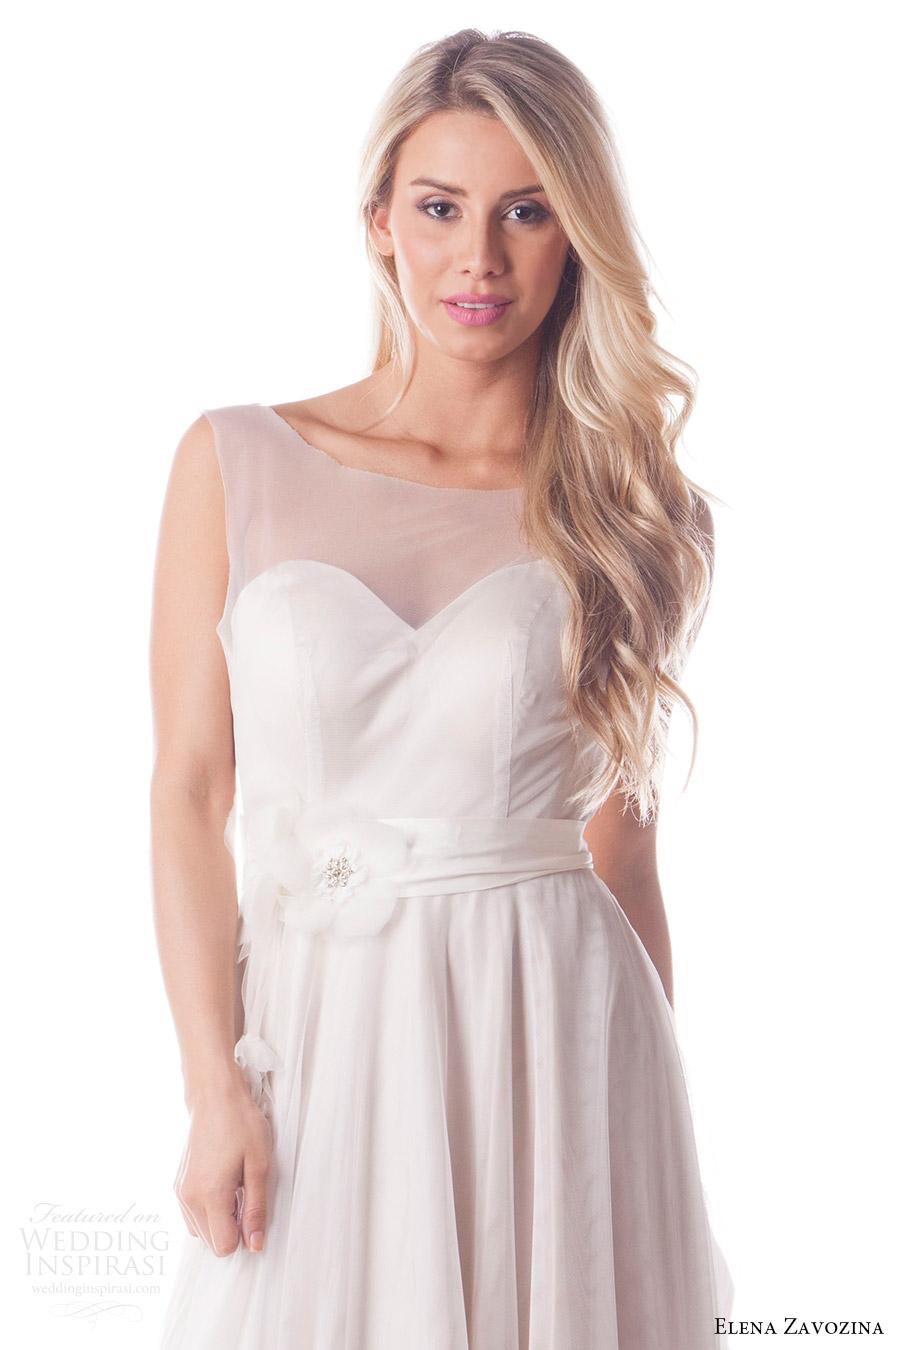 elena zavozina bridal accessories 2016 wedding floral sash belt (marguerite) mv